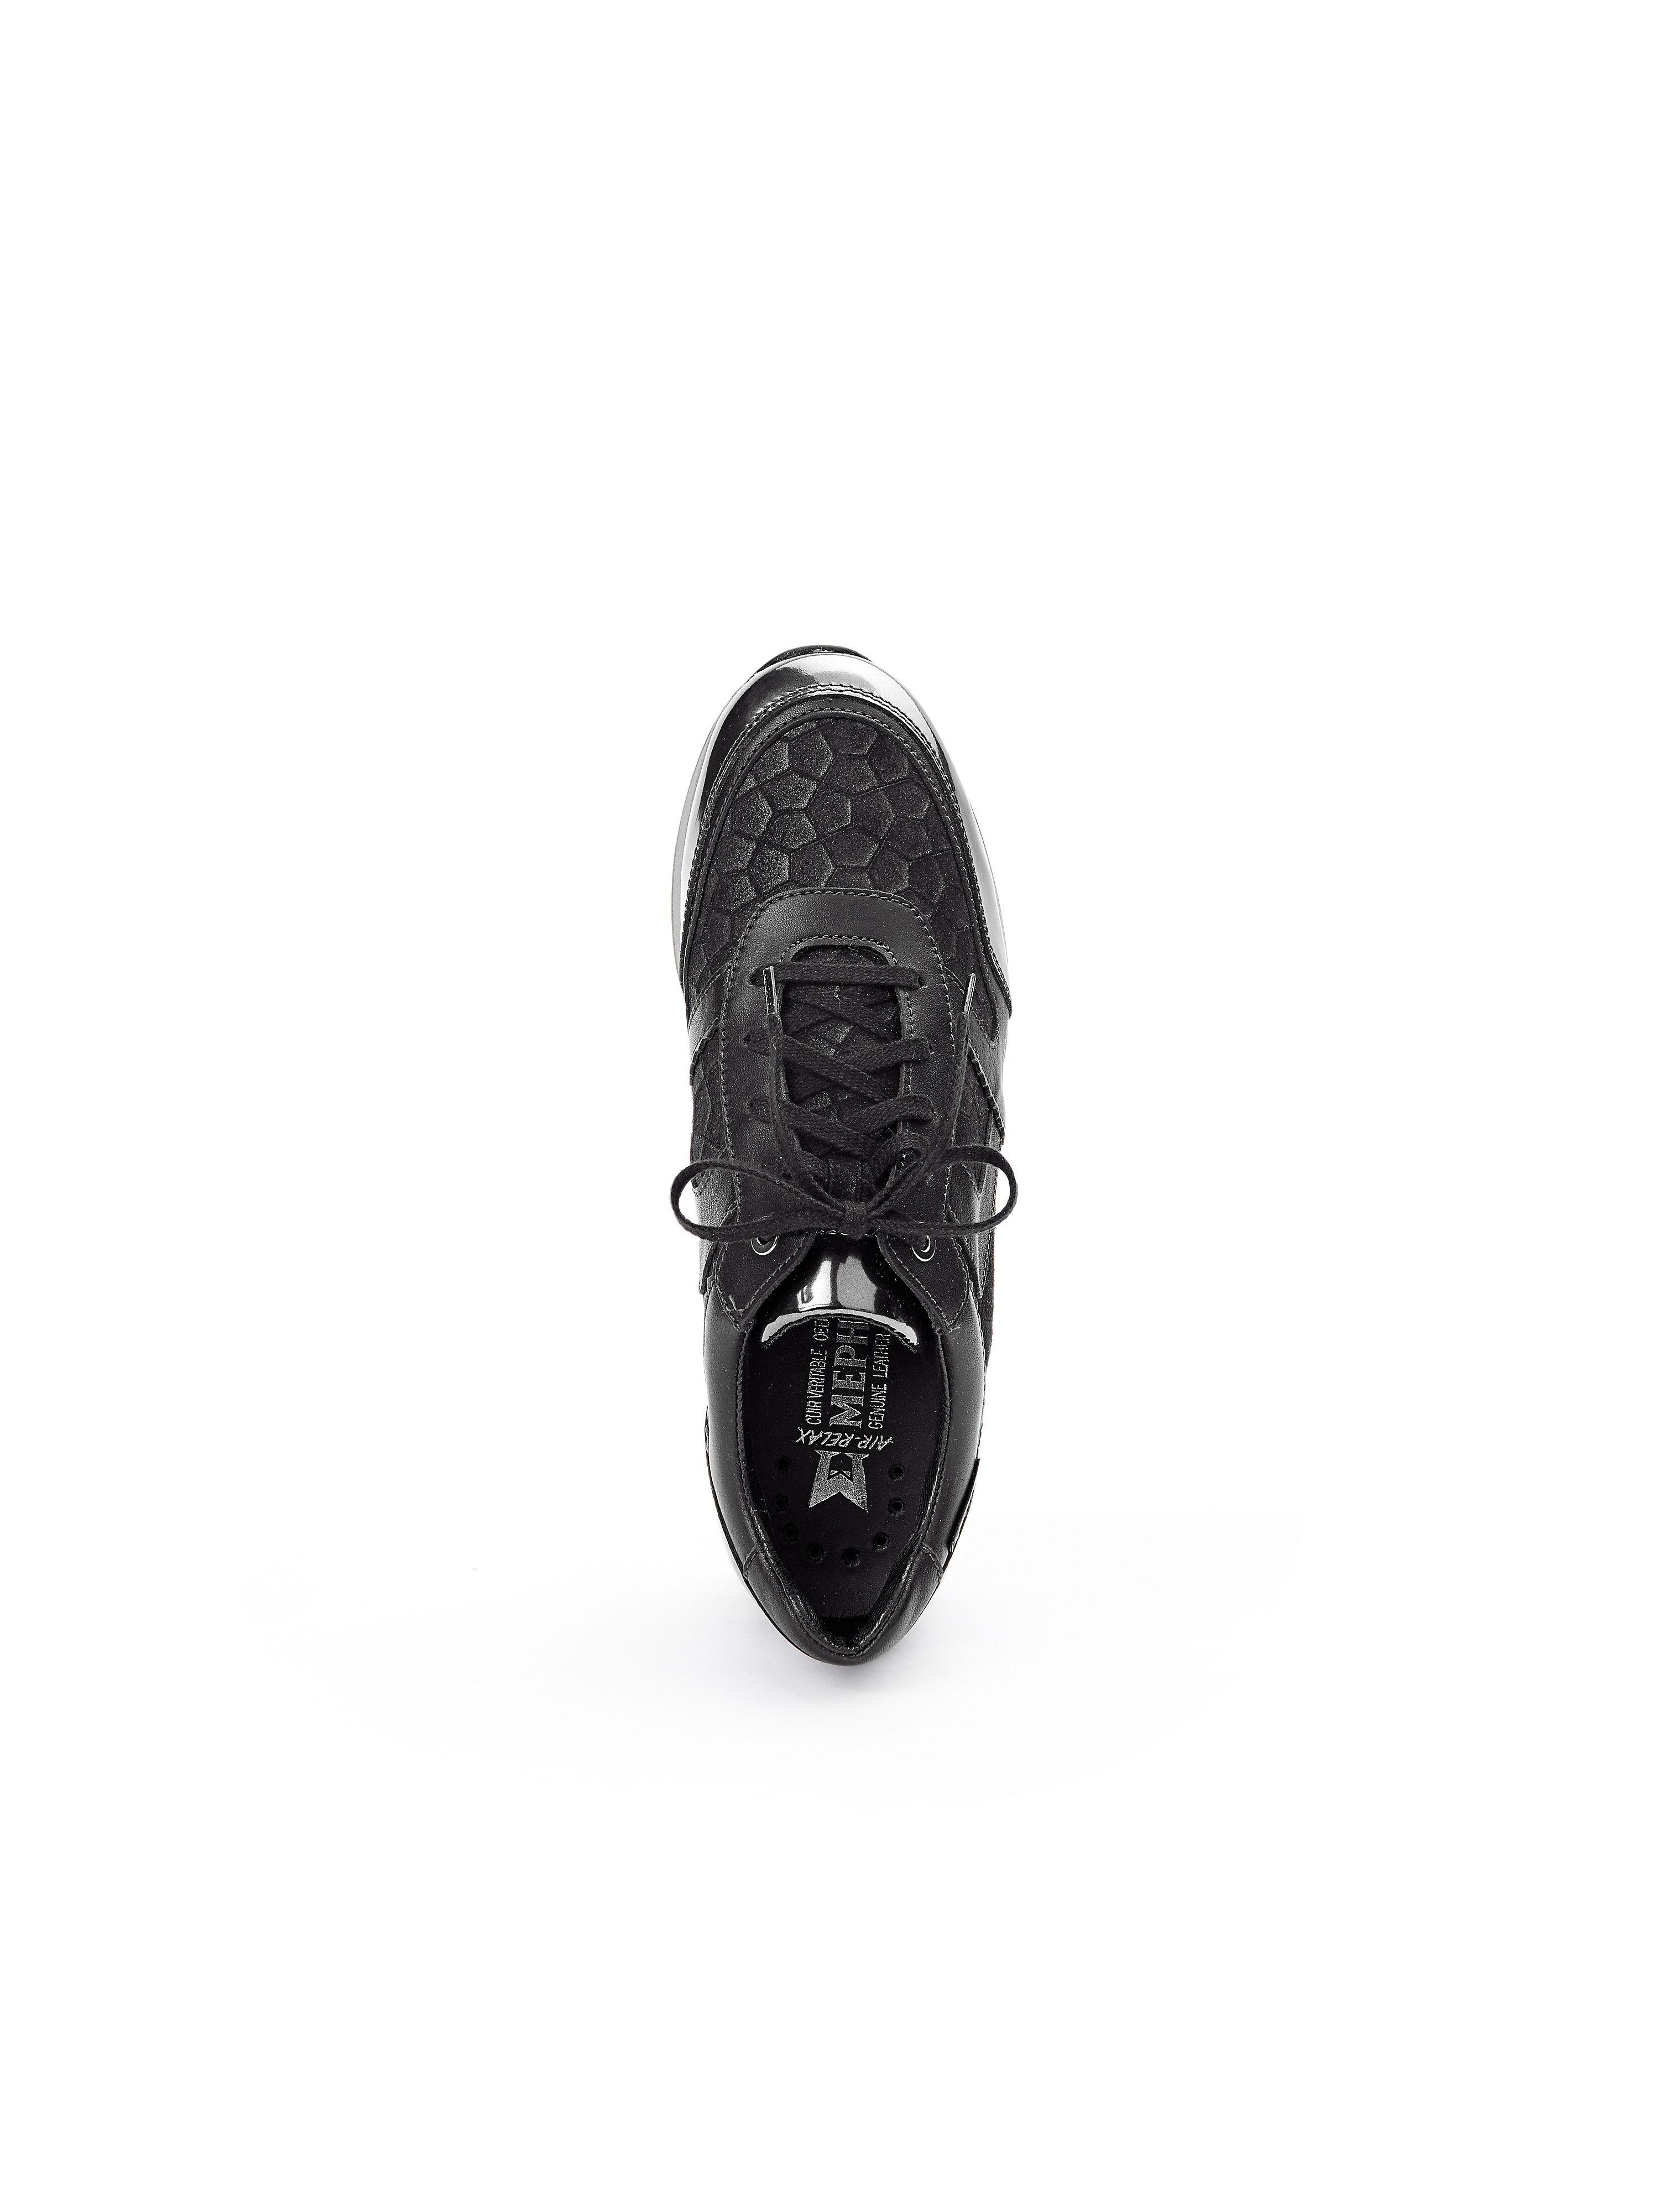 Mephisto - Sneaker TRIVY - Schwarz Gute Gute Gute Qualität beliebte Schuhe 14c27f